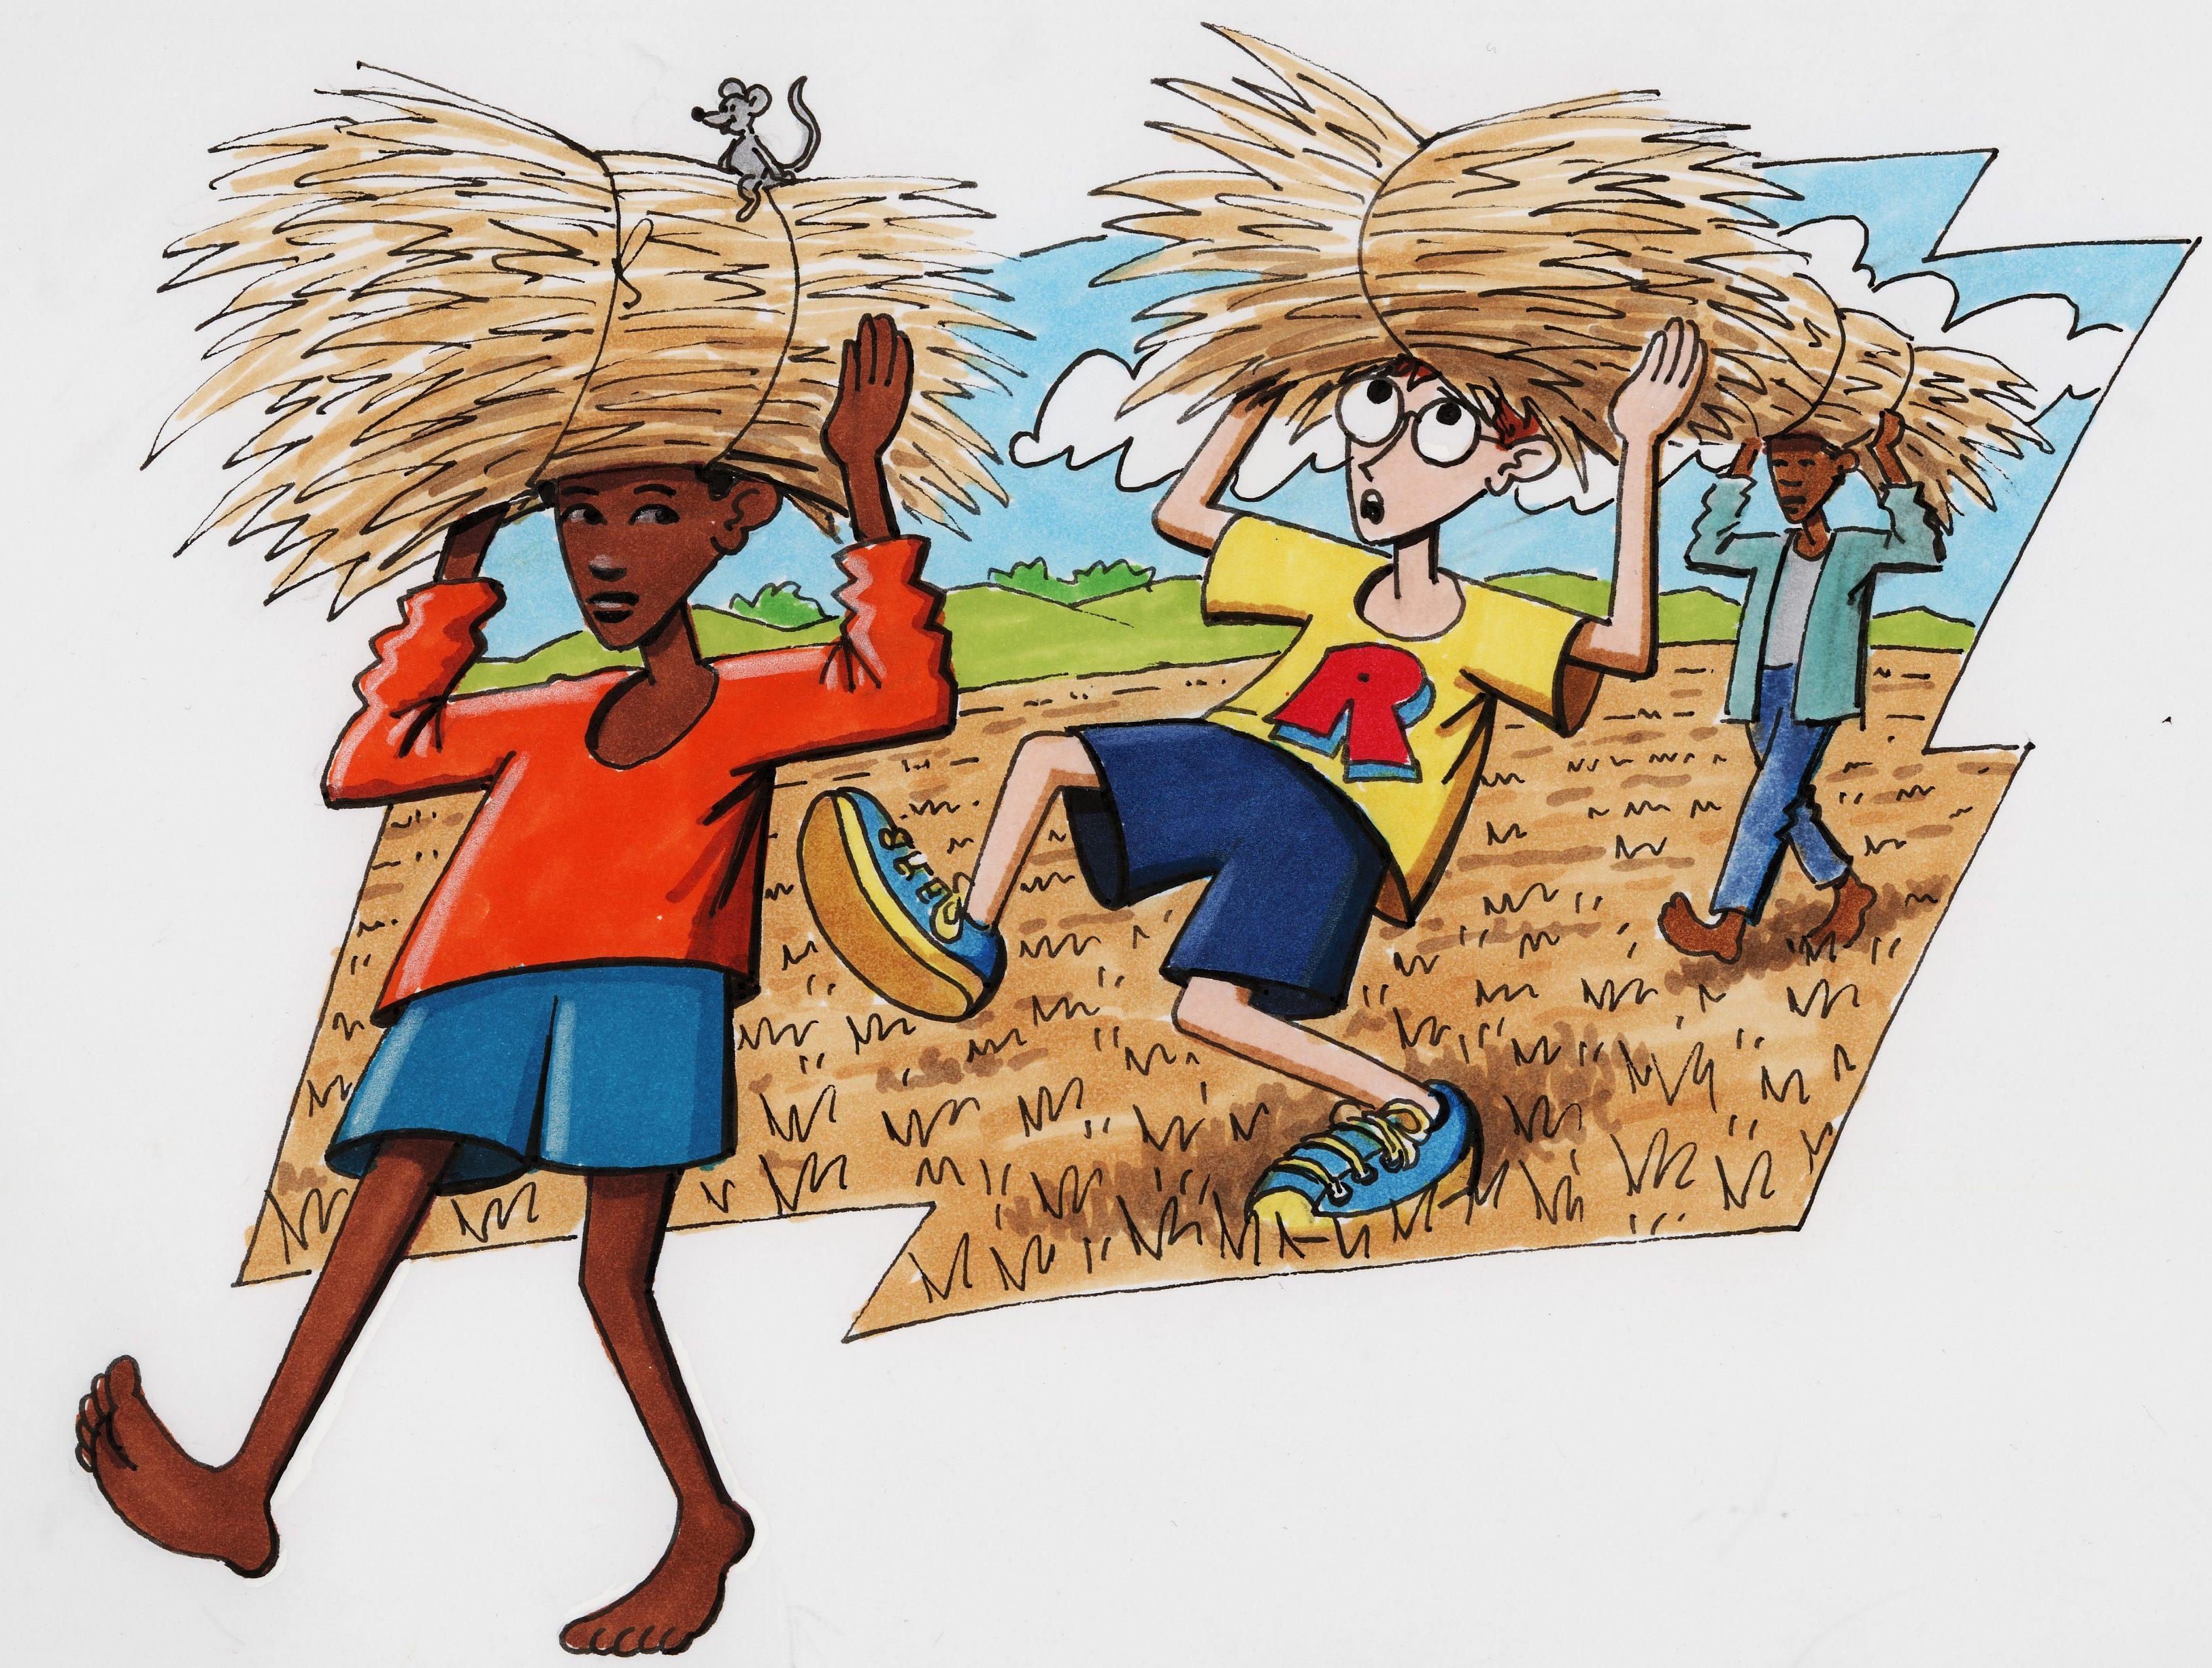 Robinson, ein äthiopischer Junge und ein Bauer tragen Getreideballen auf dem Kopf. (Quelle: Peter Laux)